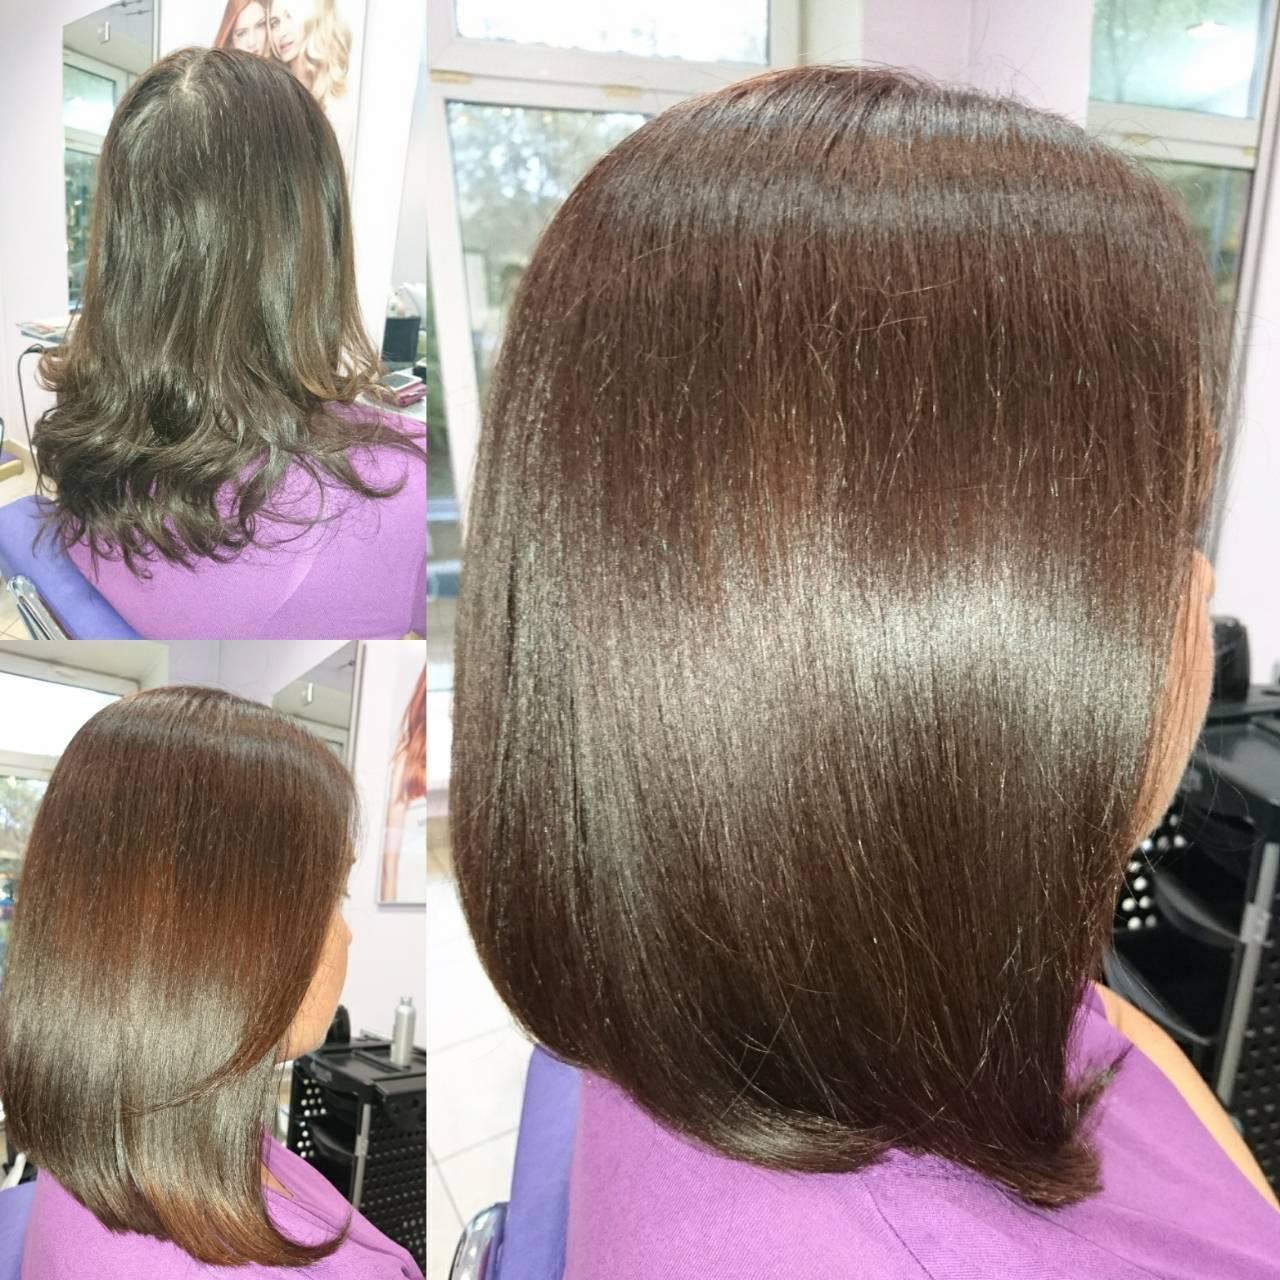 металлические козырьки курсовая парикмахера фото до и после отеля